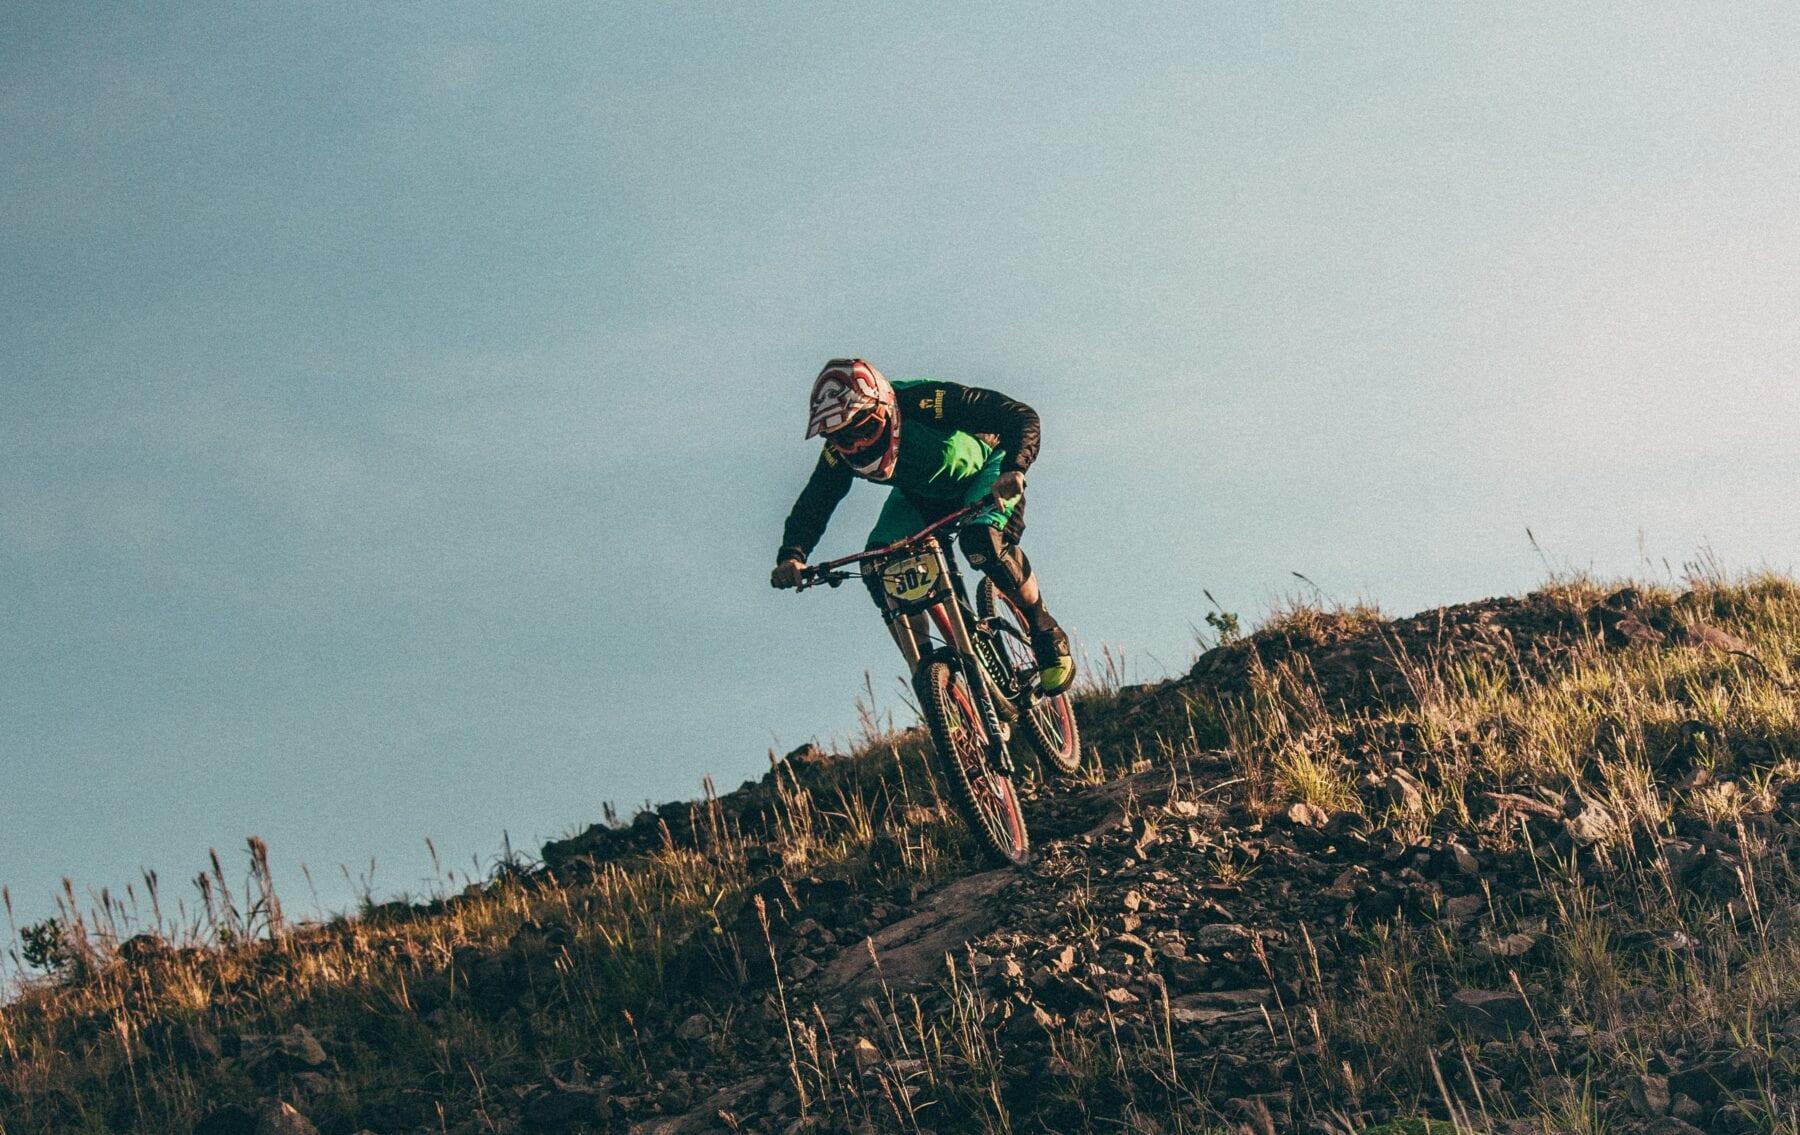 Extreme downhill mountainbike USA